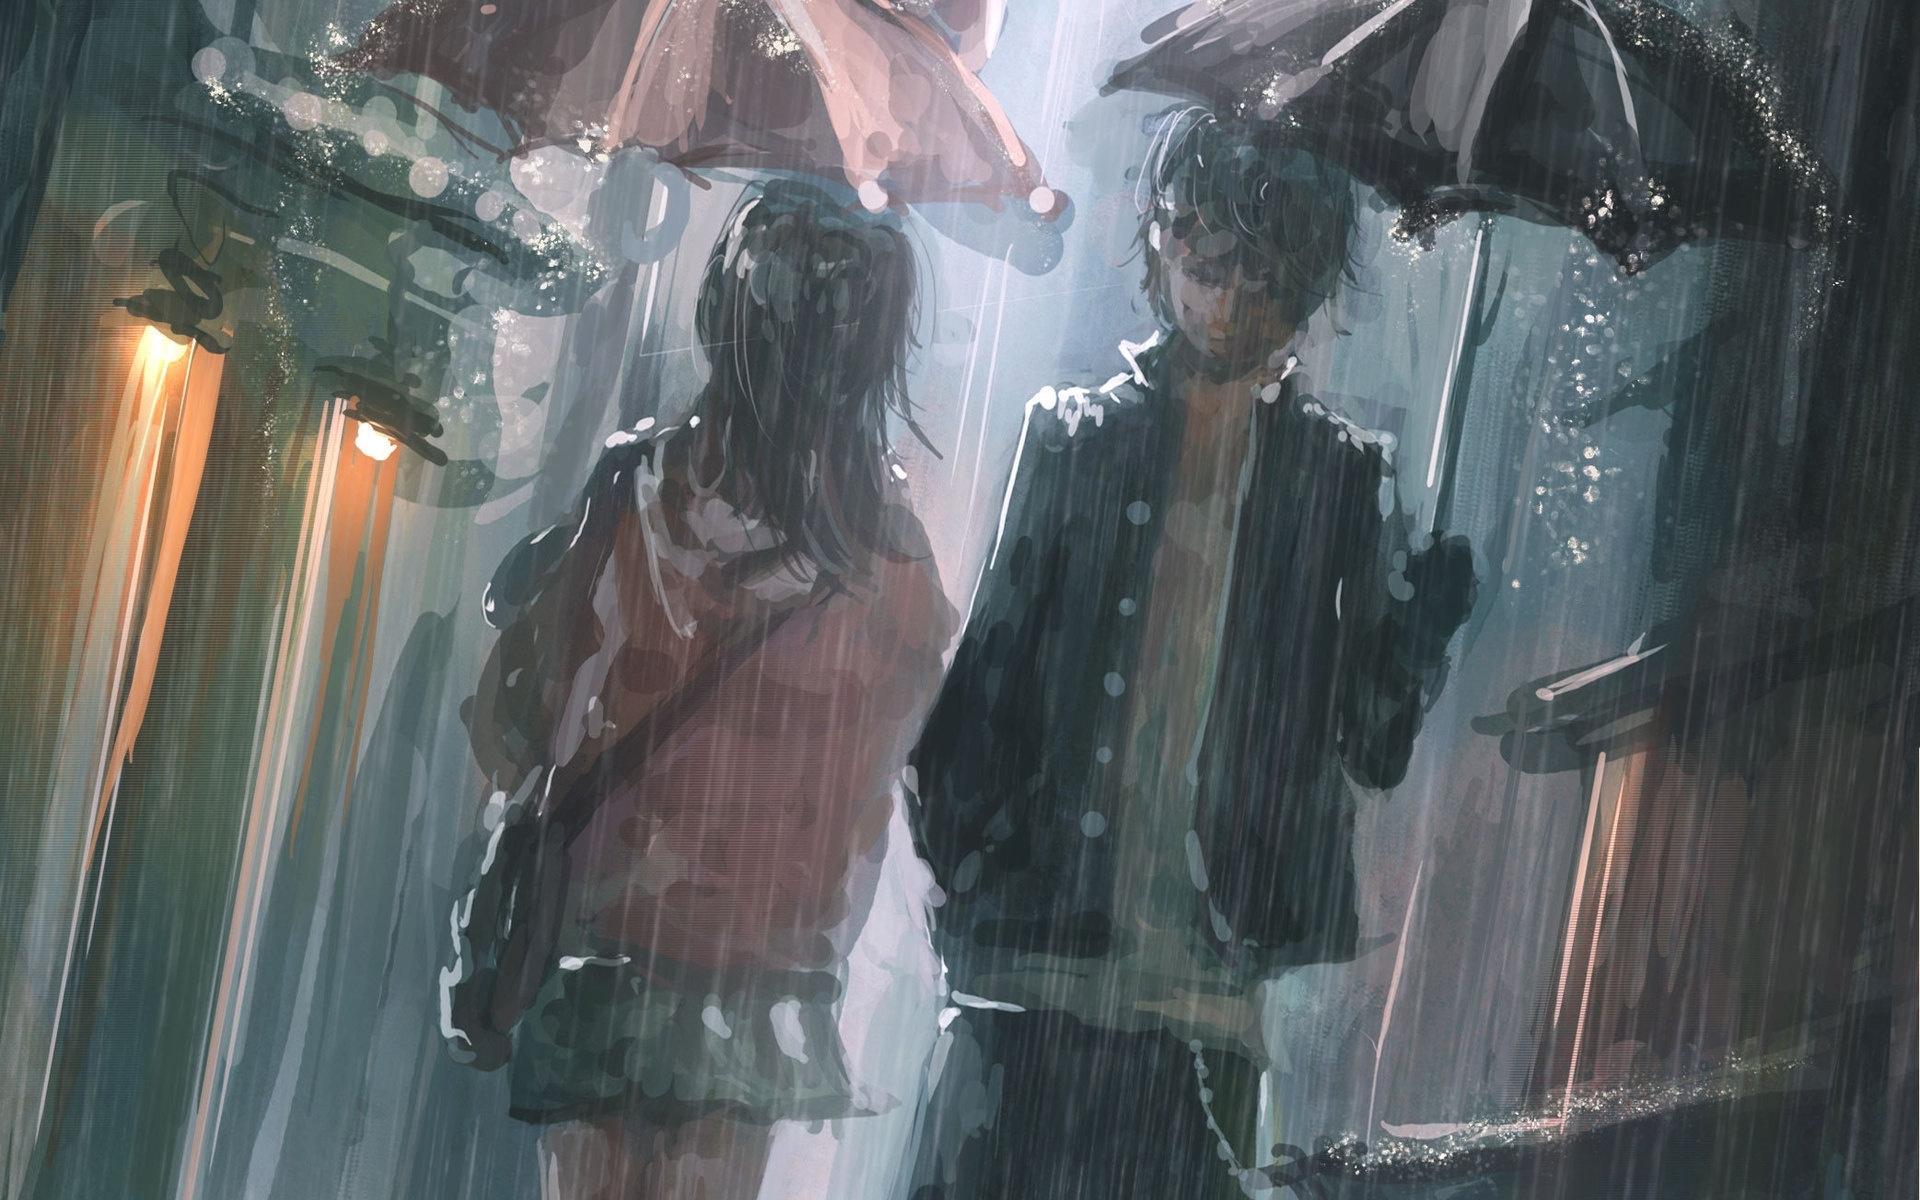 免費下載 31433: 人, 雨, 图片 桌面壁紙